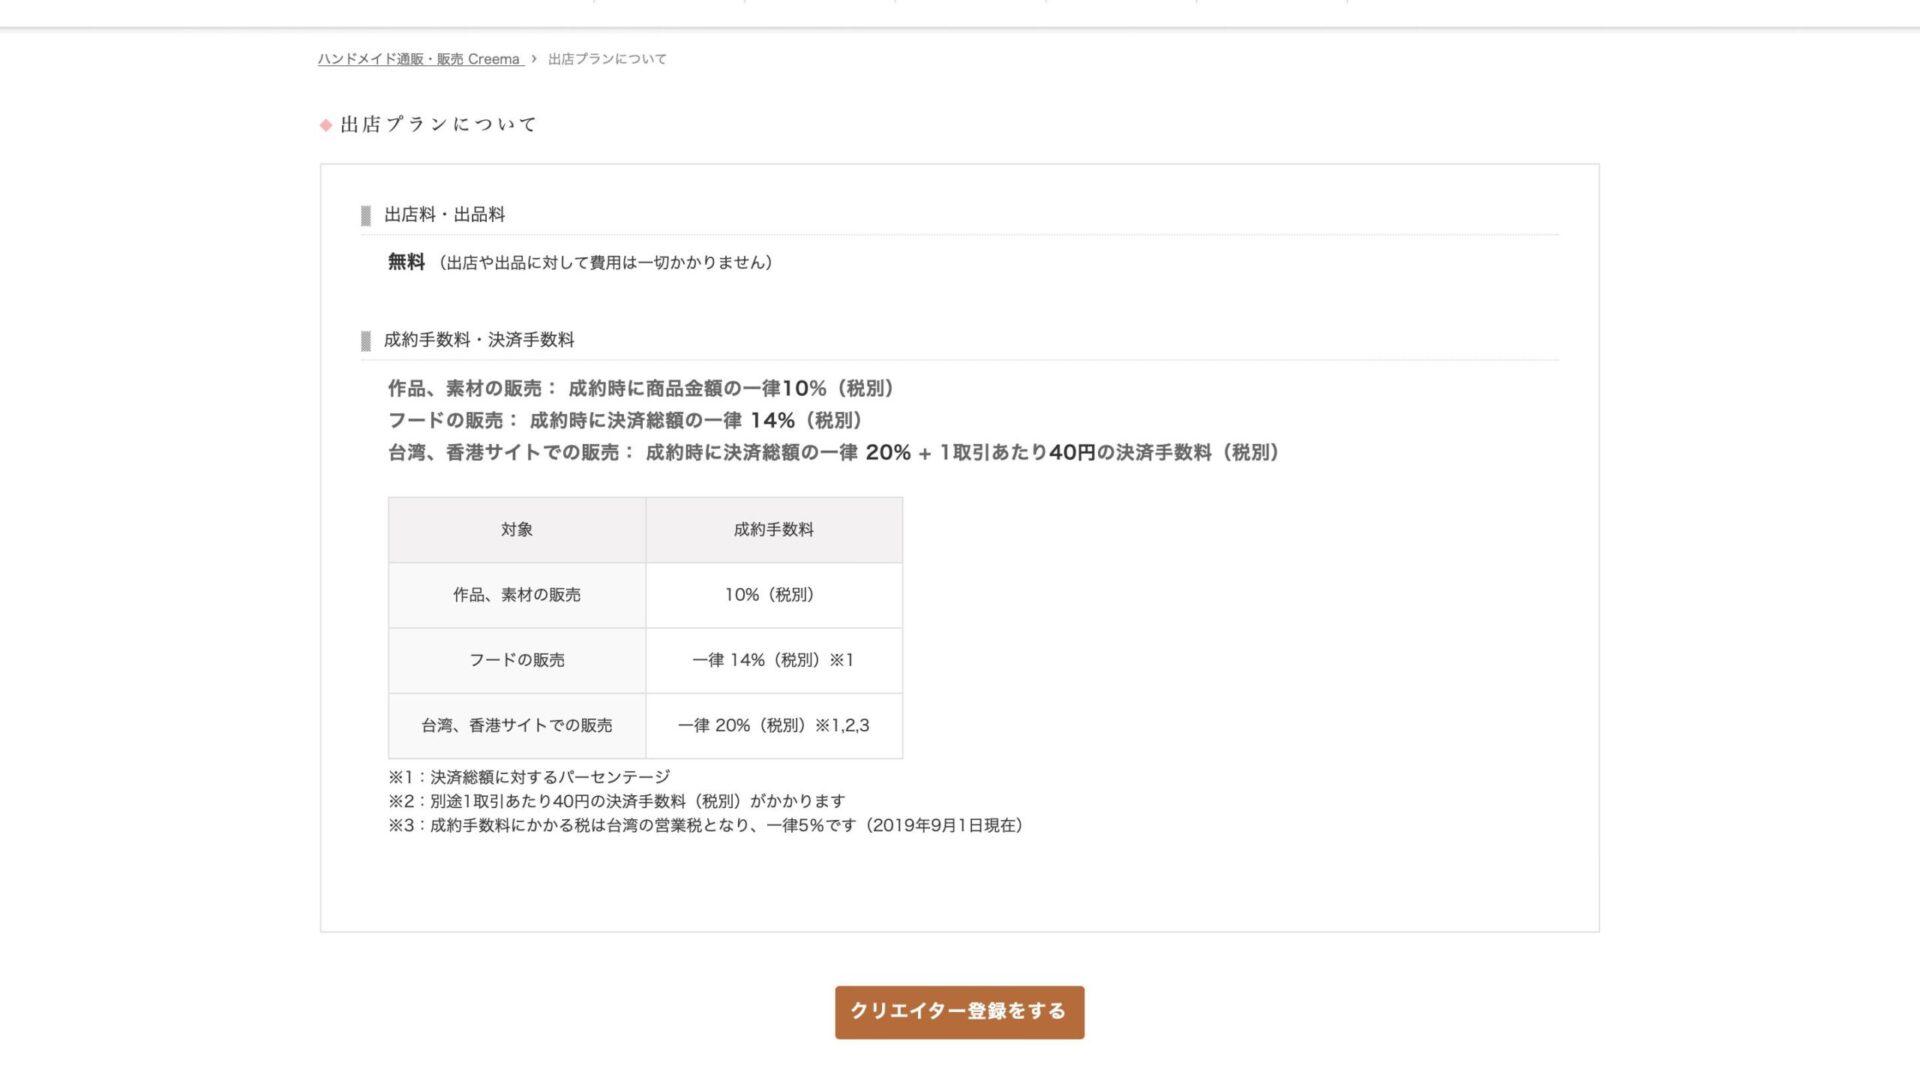 ハンドメイド作品をネット販売する方法【ショップ登録・出品手順 Creema(クリーマ)編】